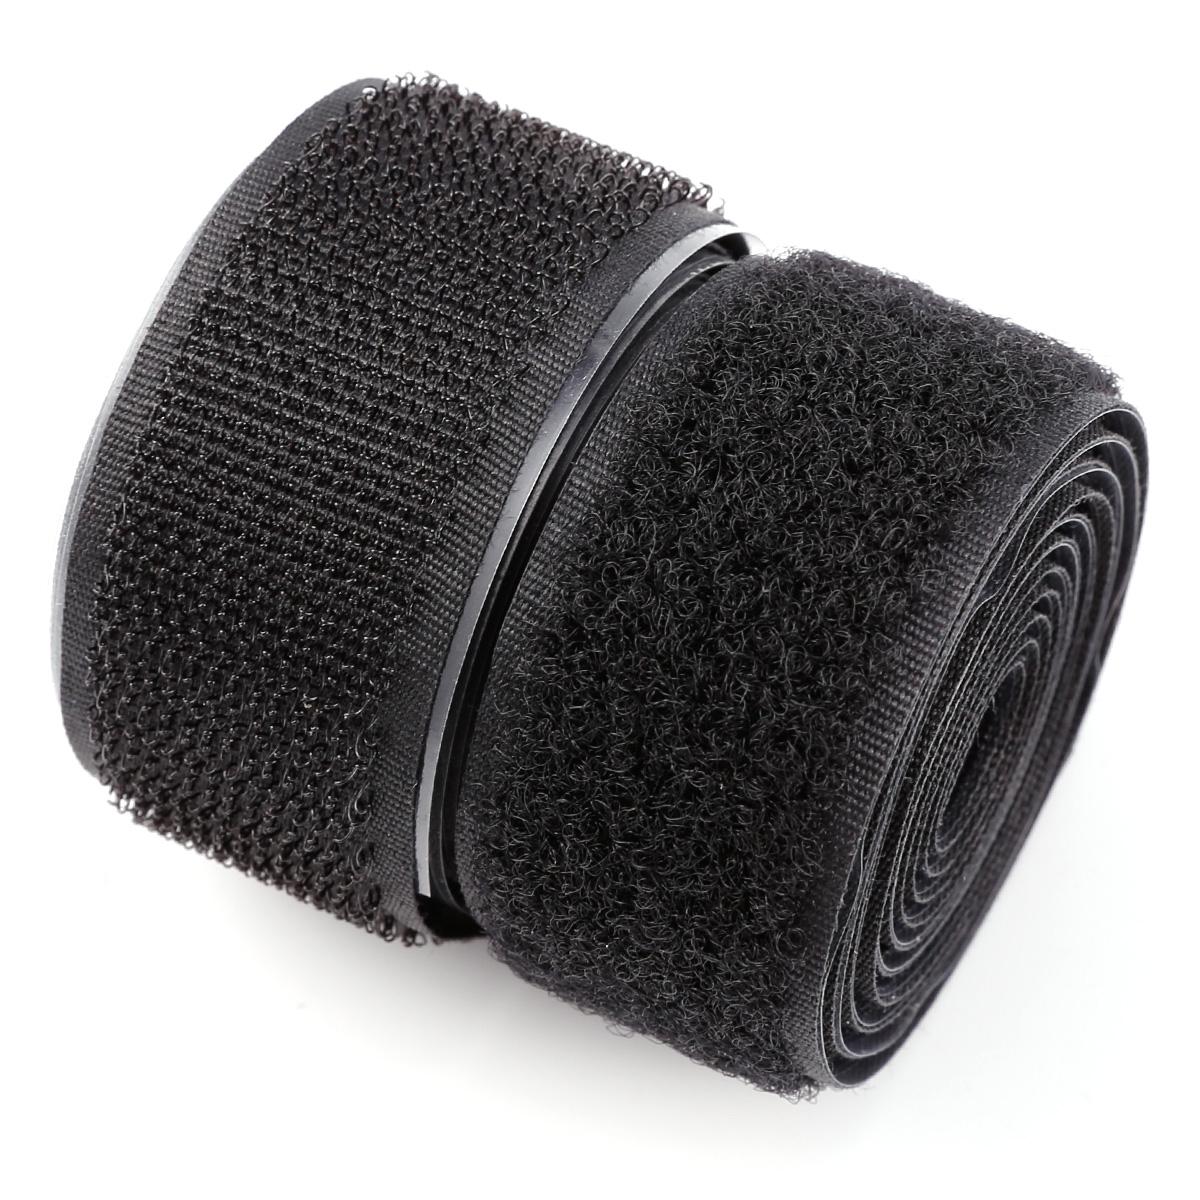 1m klettband haken flausch klettverschluss breite 25mm selbstklebend schwarz ebay. Black Bedroom Furniture Sets. Home Design Ideas